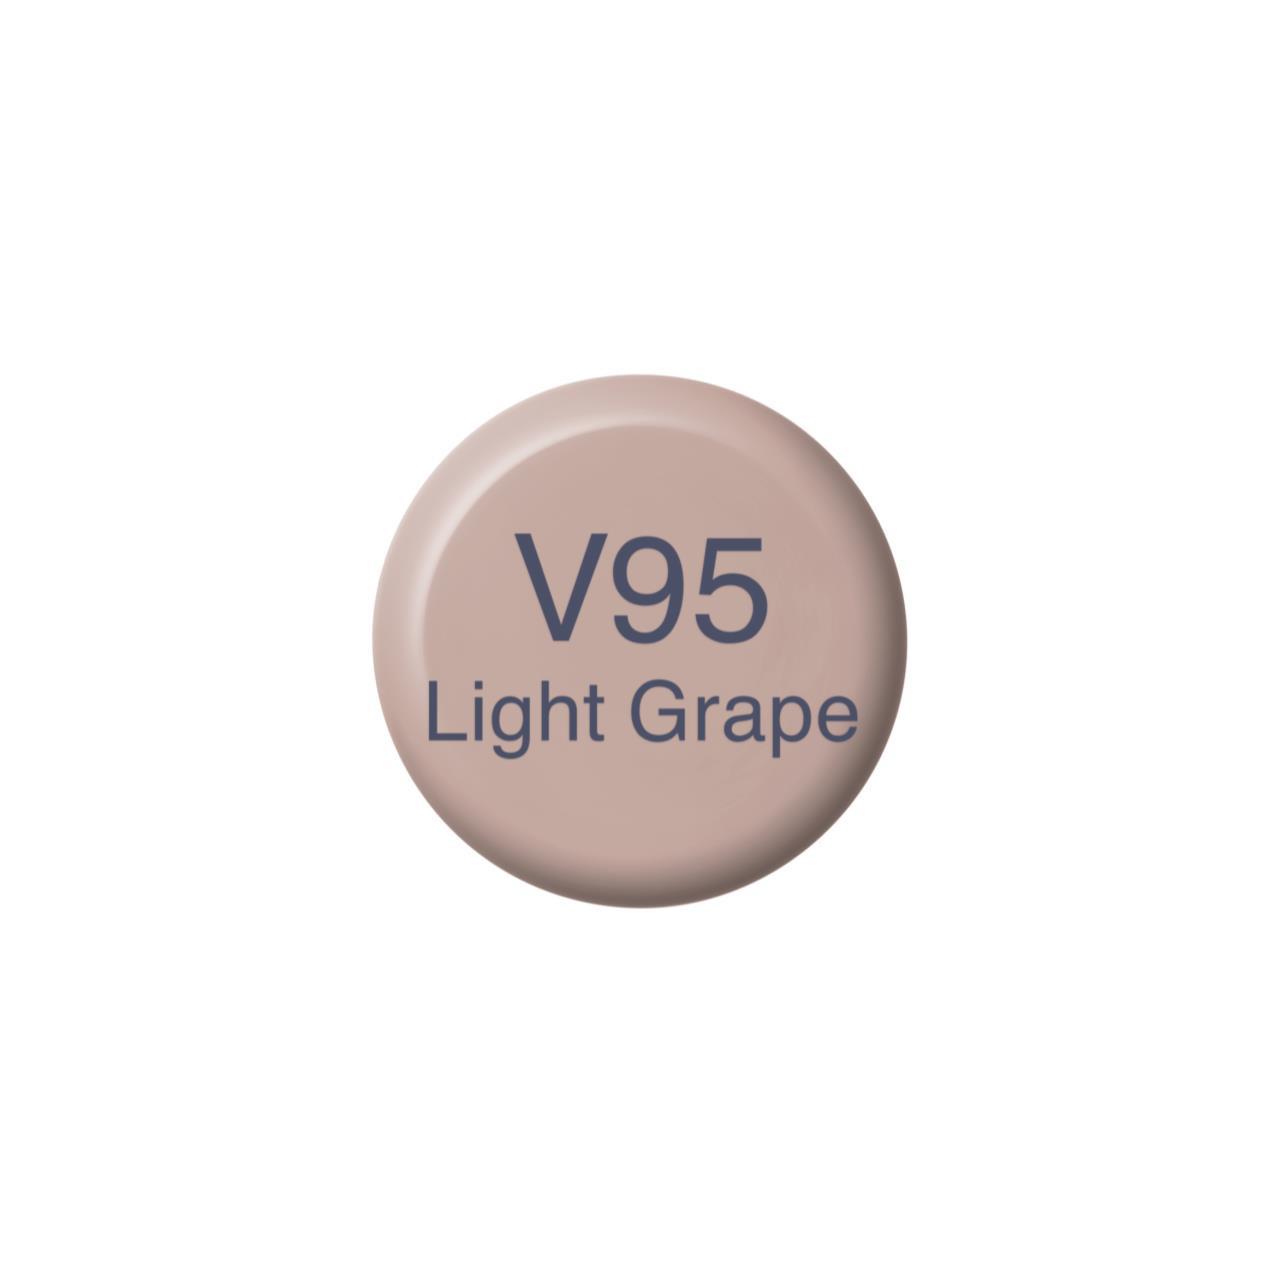 V95 Light Grape, Copic Ink - 4511338058114